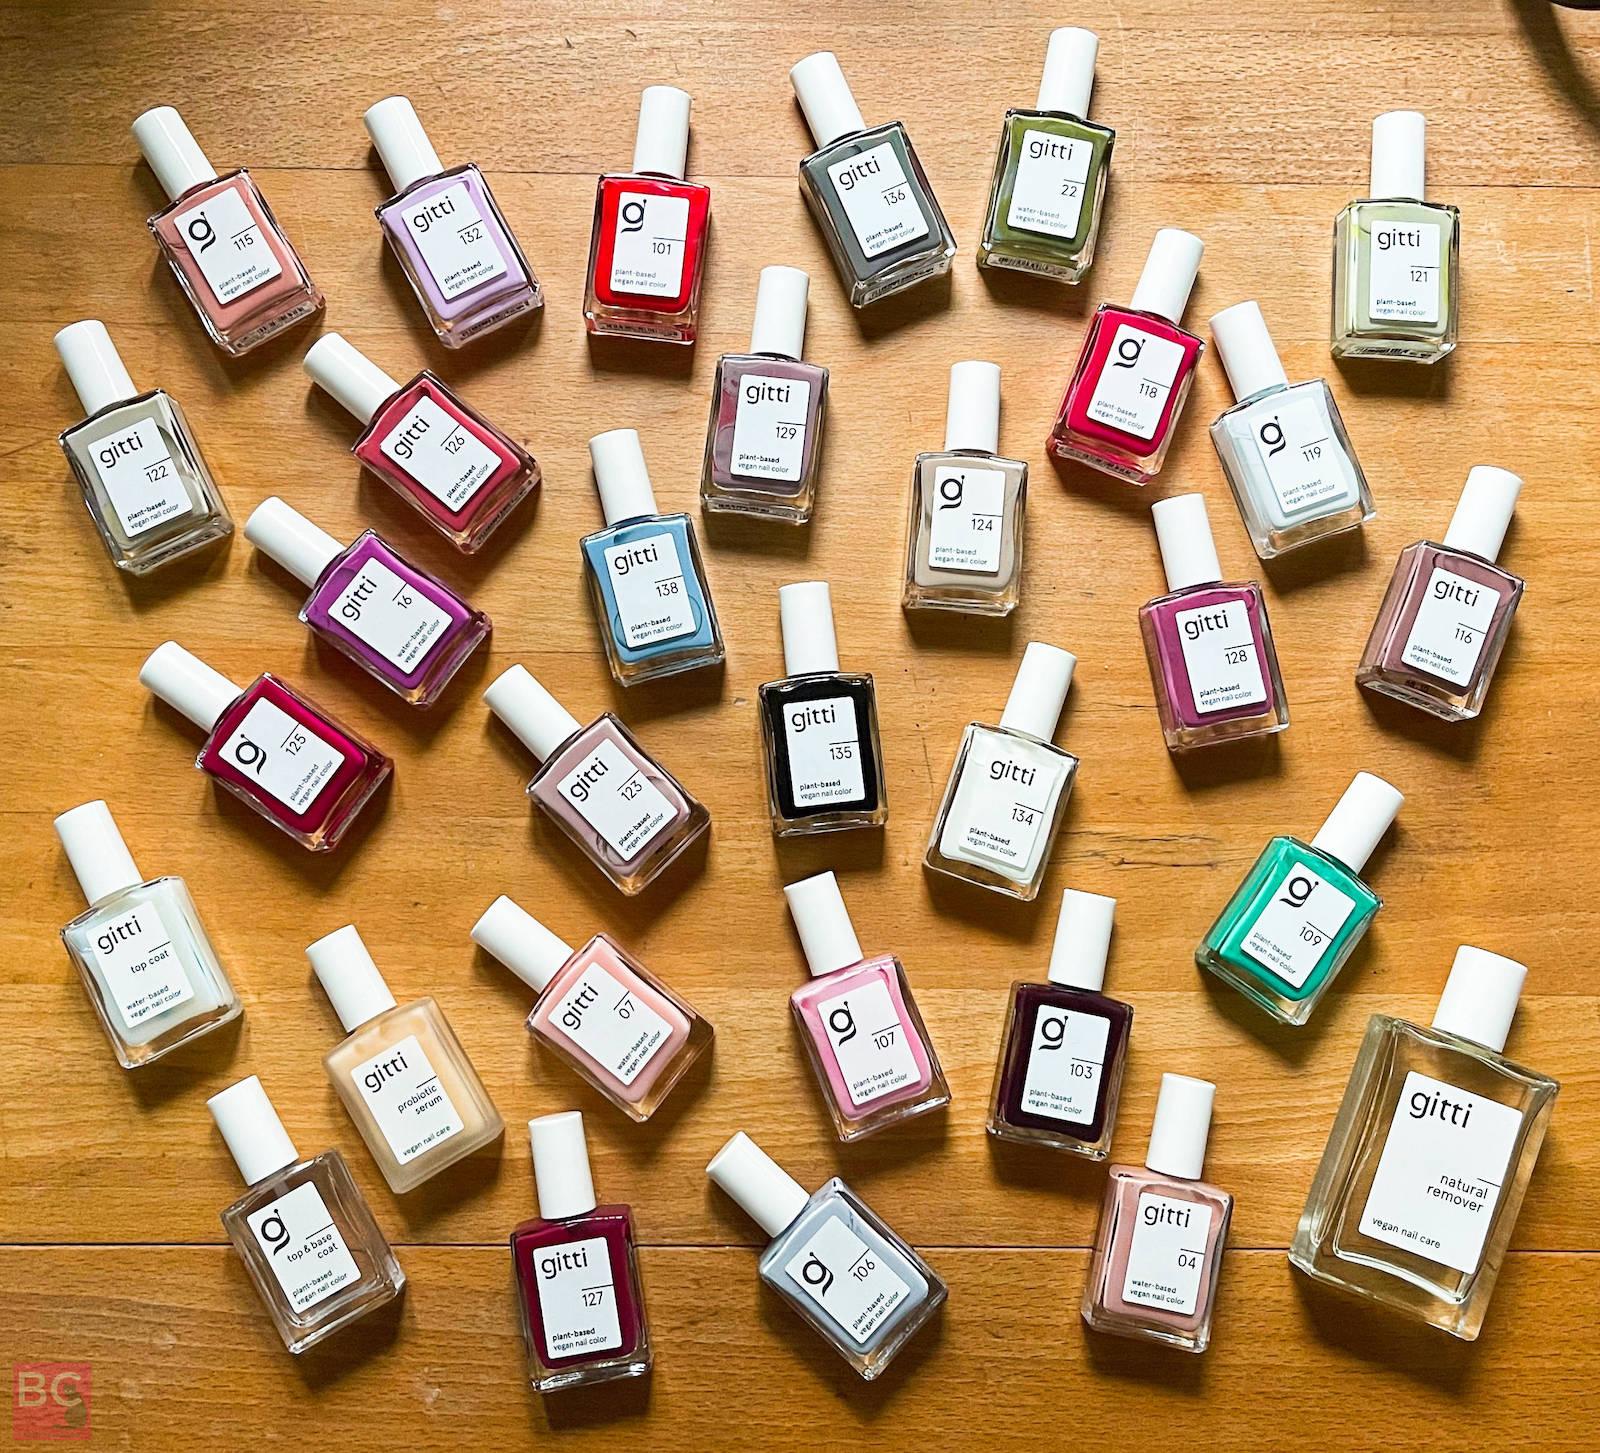 Gitti Sortiment Nagellack Erfahrungen Farben Auswahl Nagellfarben vegan pflanzlich Wasserbasis